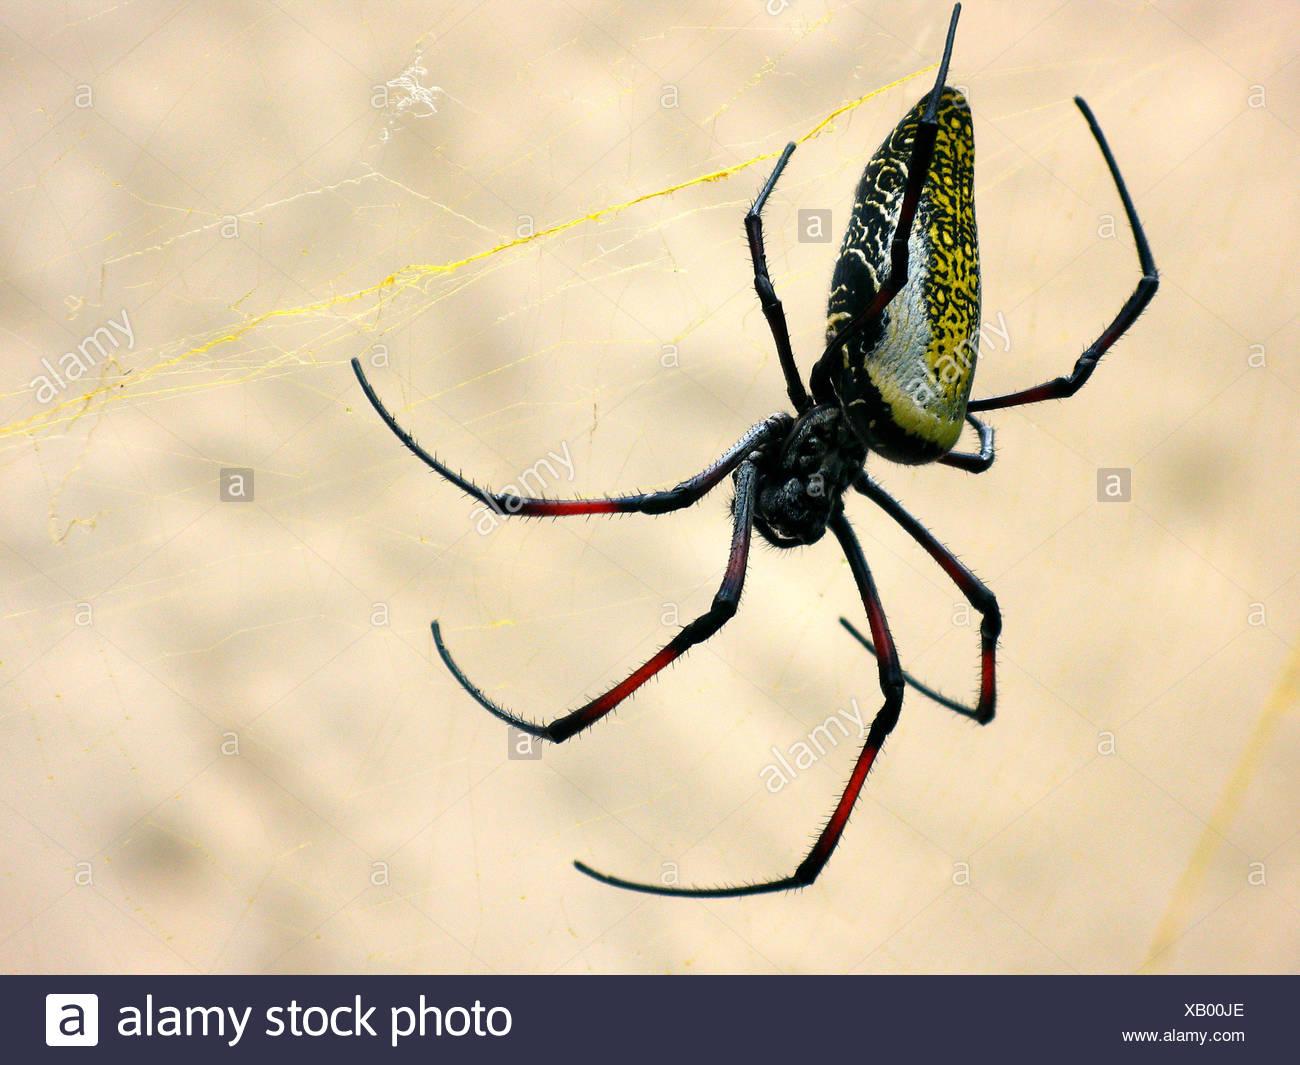 Fantastisch Spinnen Diagrammvorlage Fotos - Bilder für das ...